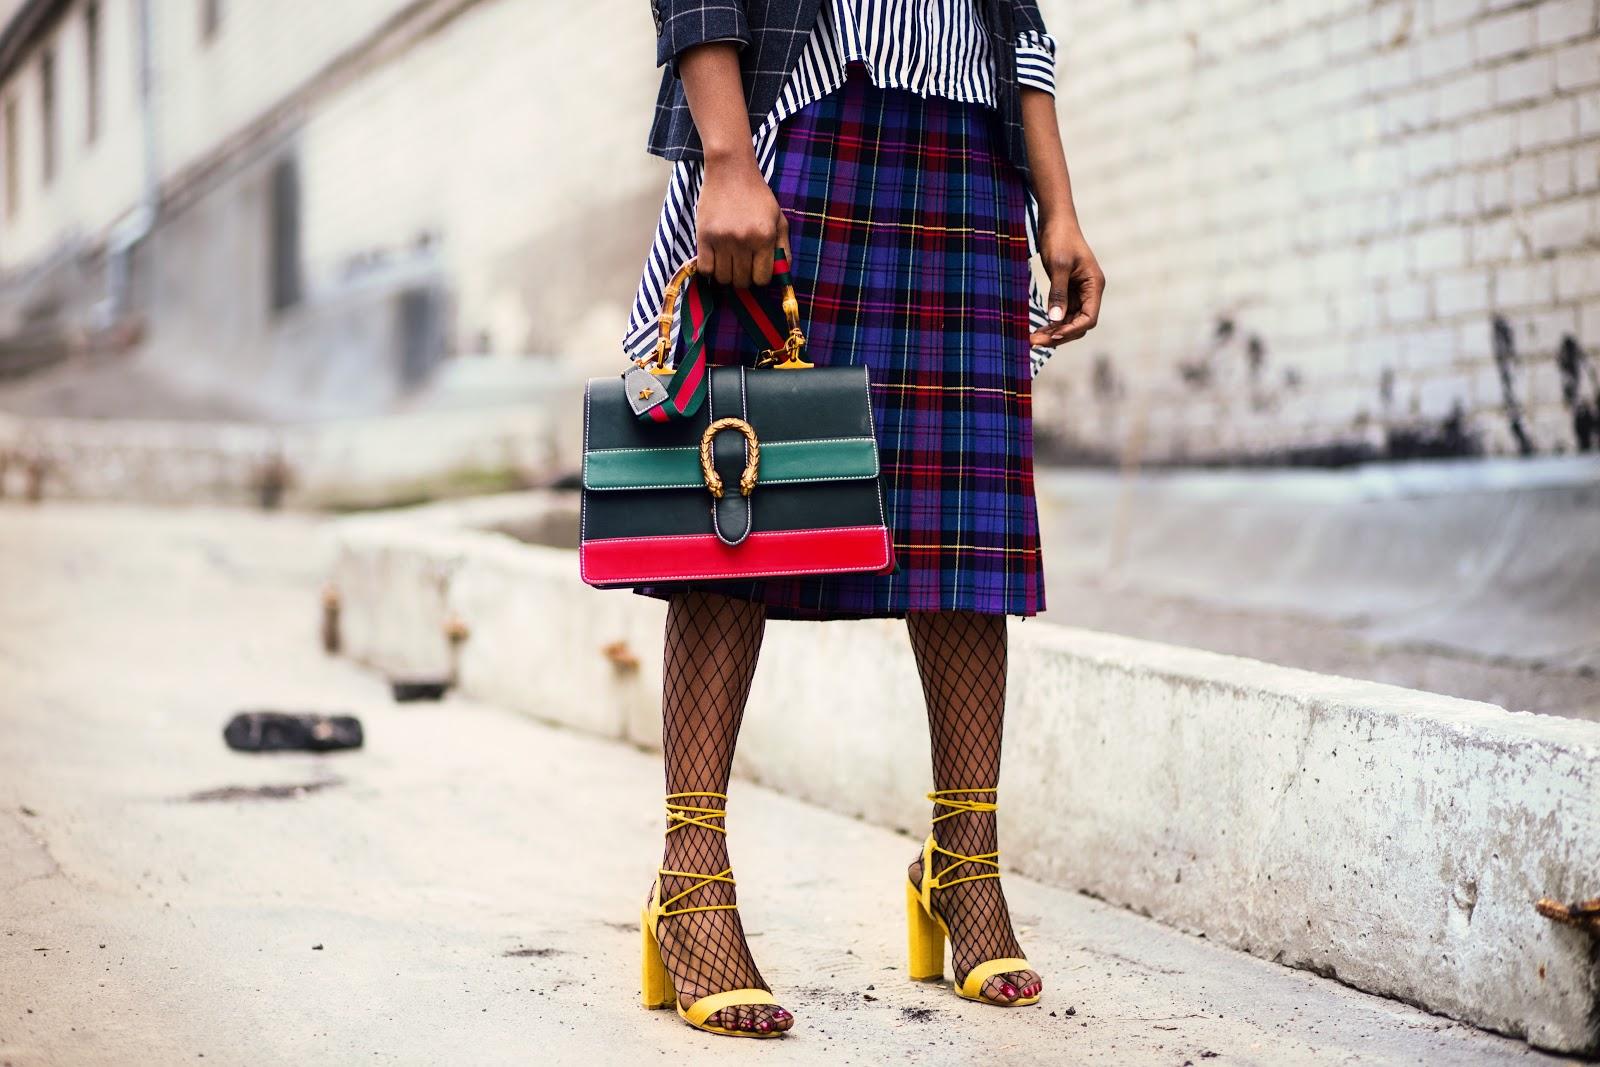 דוגמנית עם גרבי רשת, תיק ביד, לבושה בחצאית עם צבעים